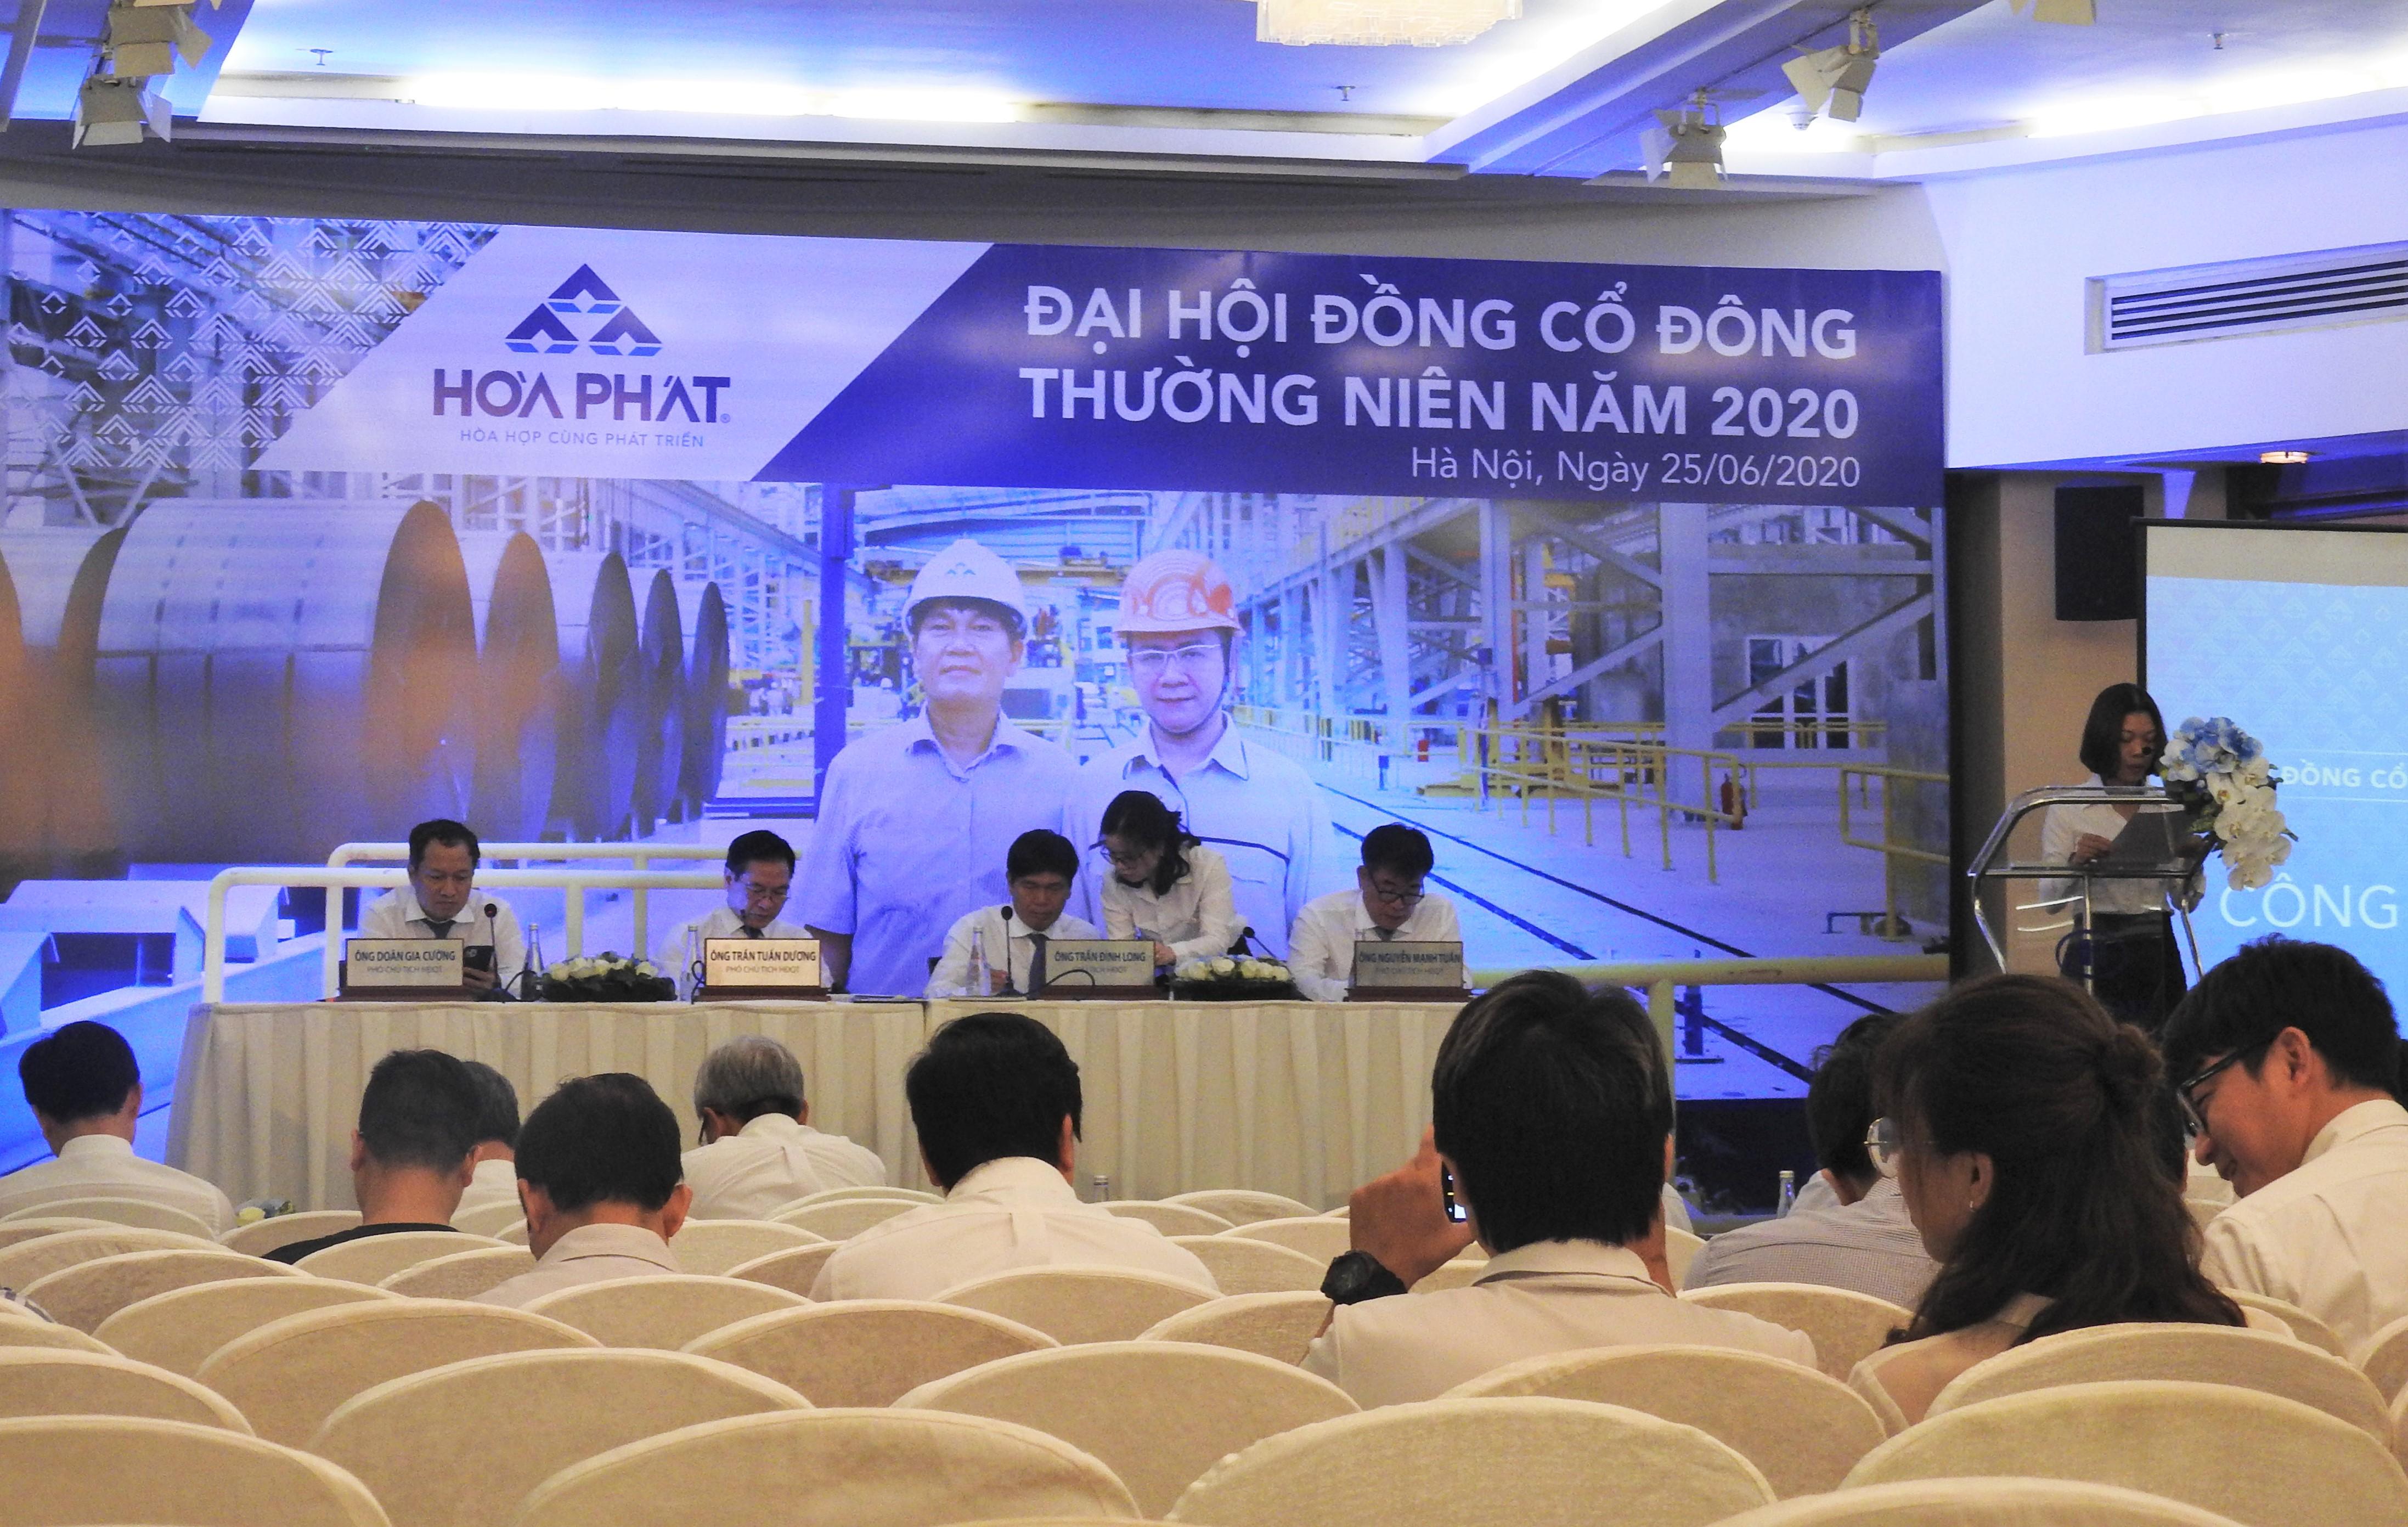 Hòa Phát khó hoàn thành mục tiêu bán 3,6 triệu tấn thép xây dựng, chuyển sang bán phôi thép - Ảnh 1.